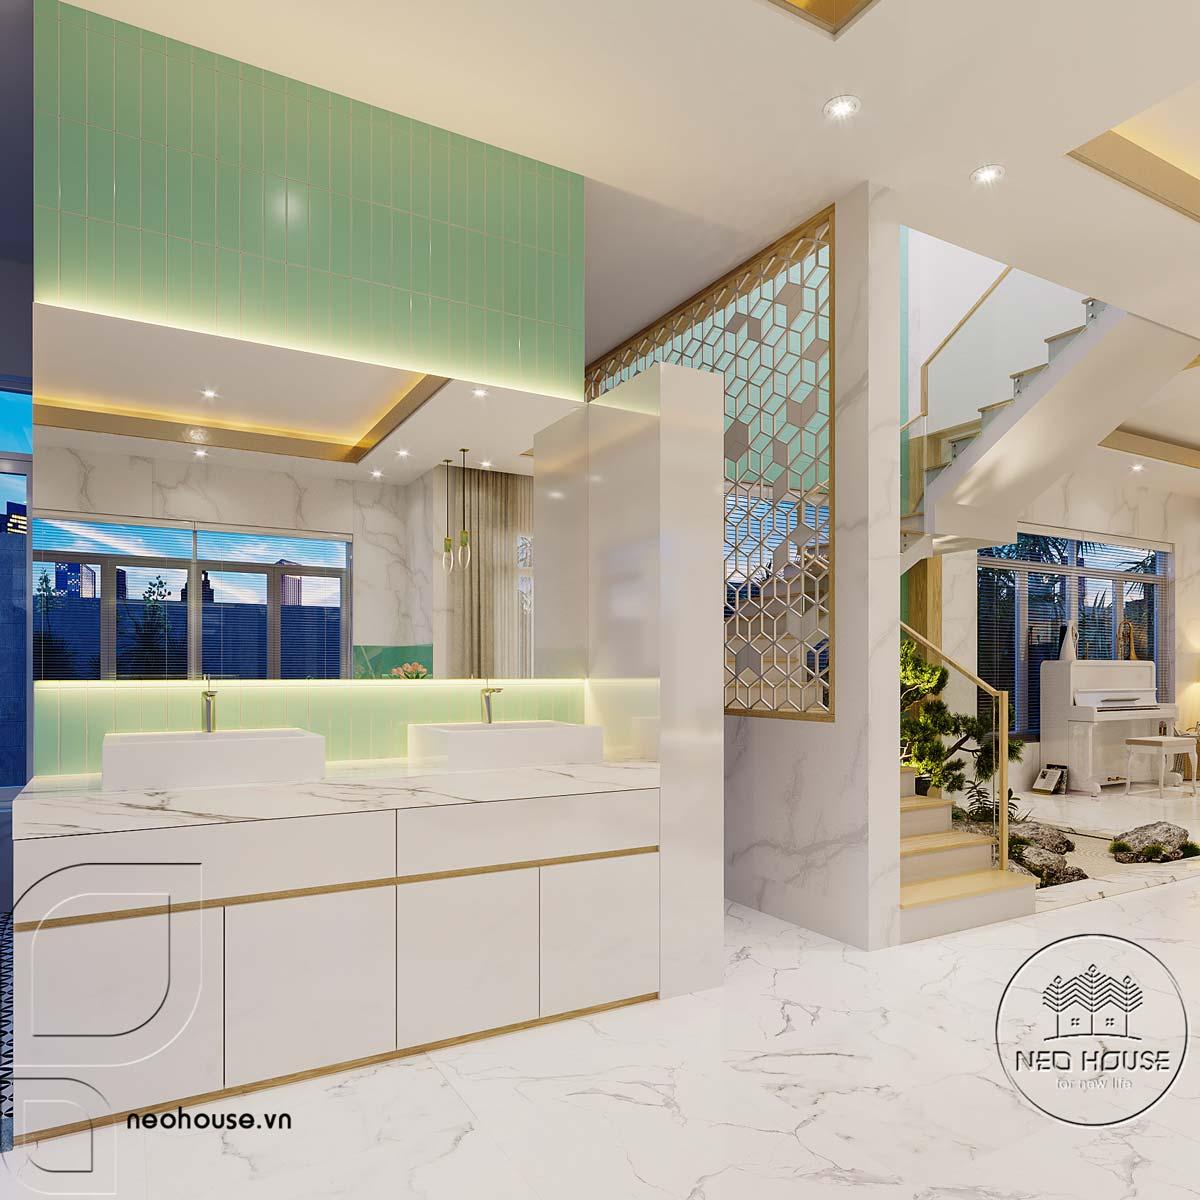 Thiết kế nội thất phòng bếp và bàn ăn biệt thự mái thái 2 tầng. Ảnh 3